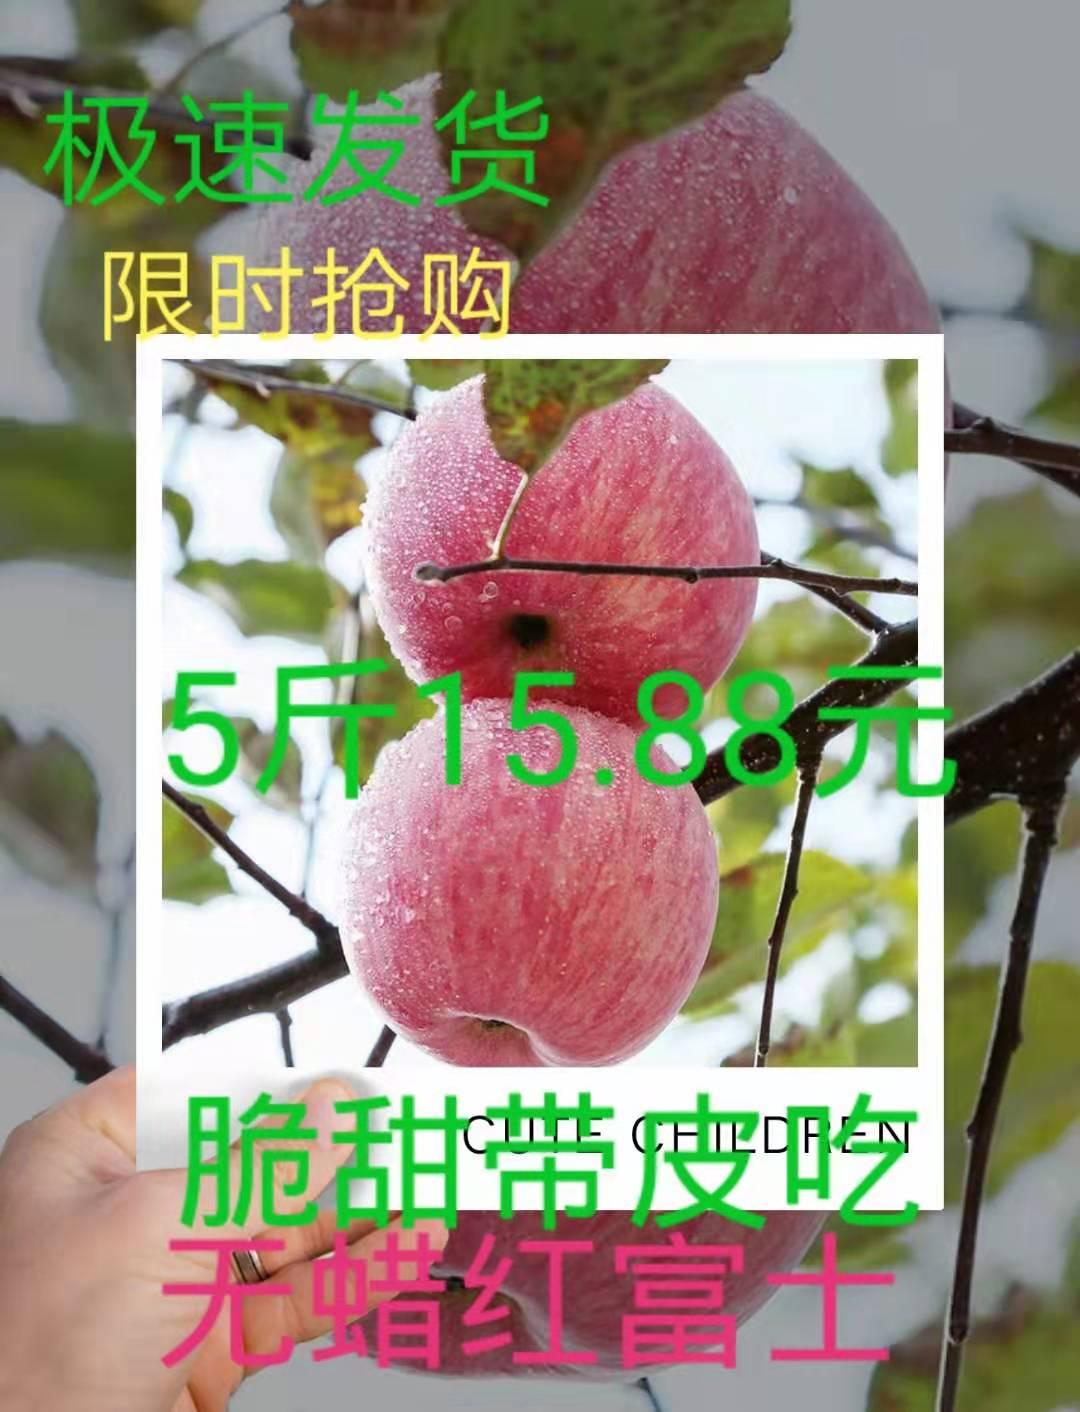 红富士苹果5斤包邮新鲜农家水果冰糖心脆甜不打蜡新鲜水果蔬菜